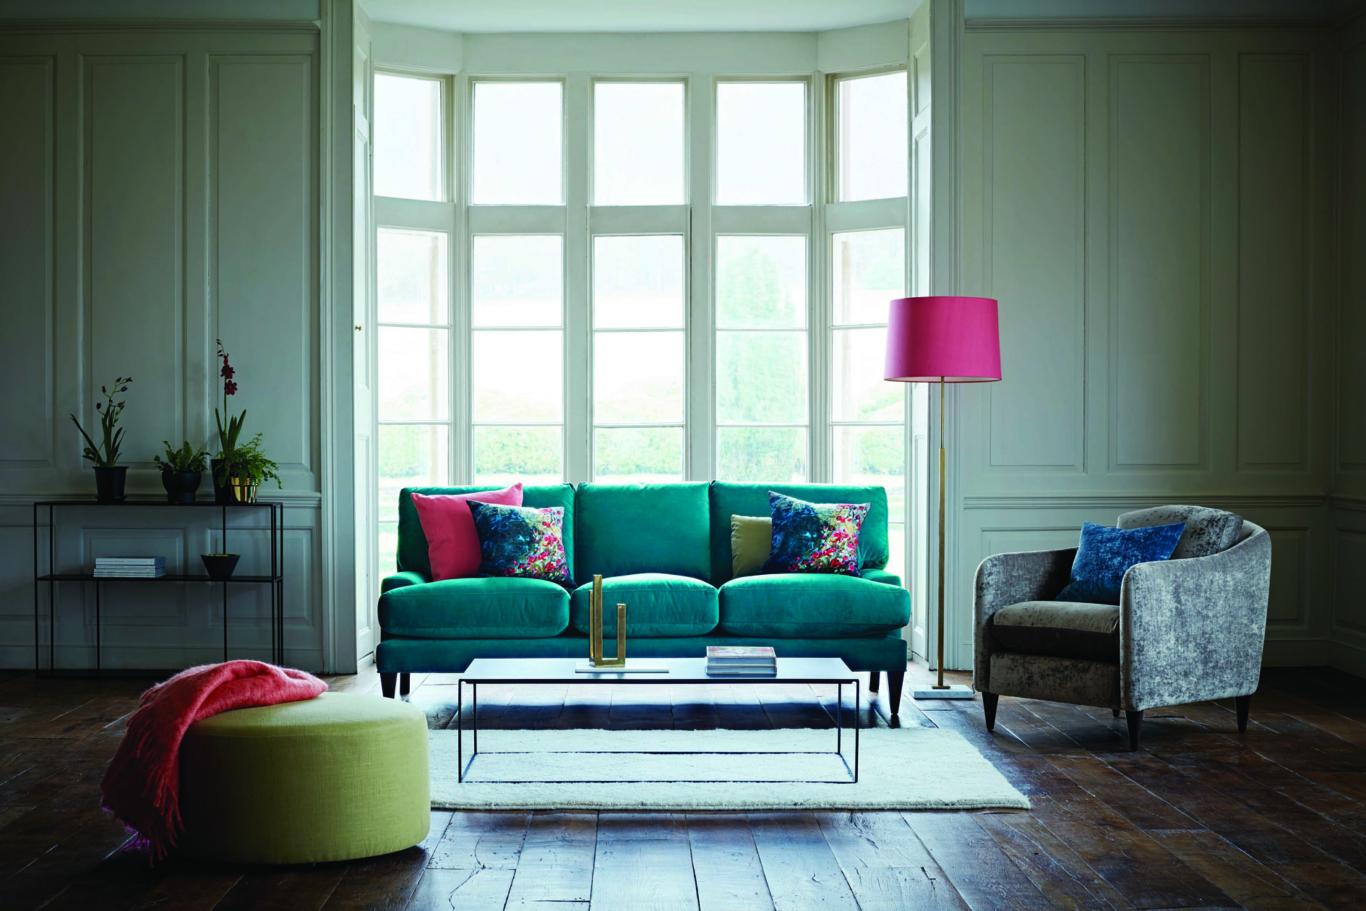 The Lounge Co Sofa